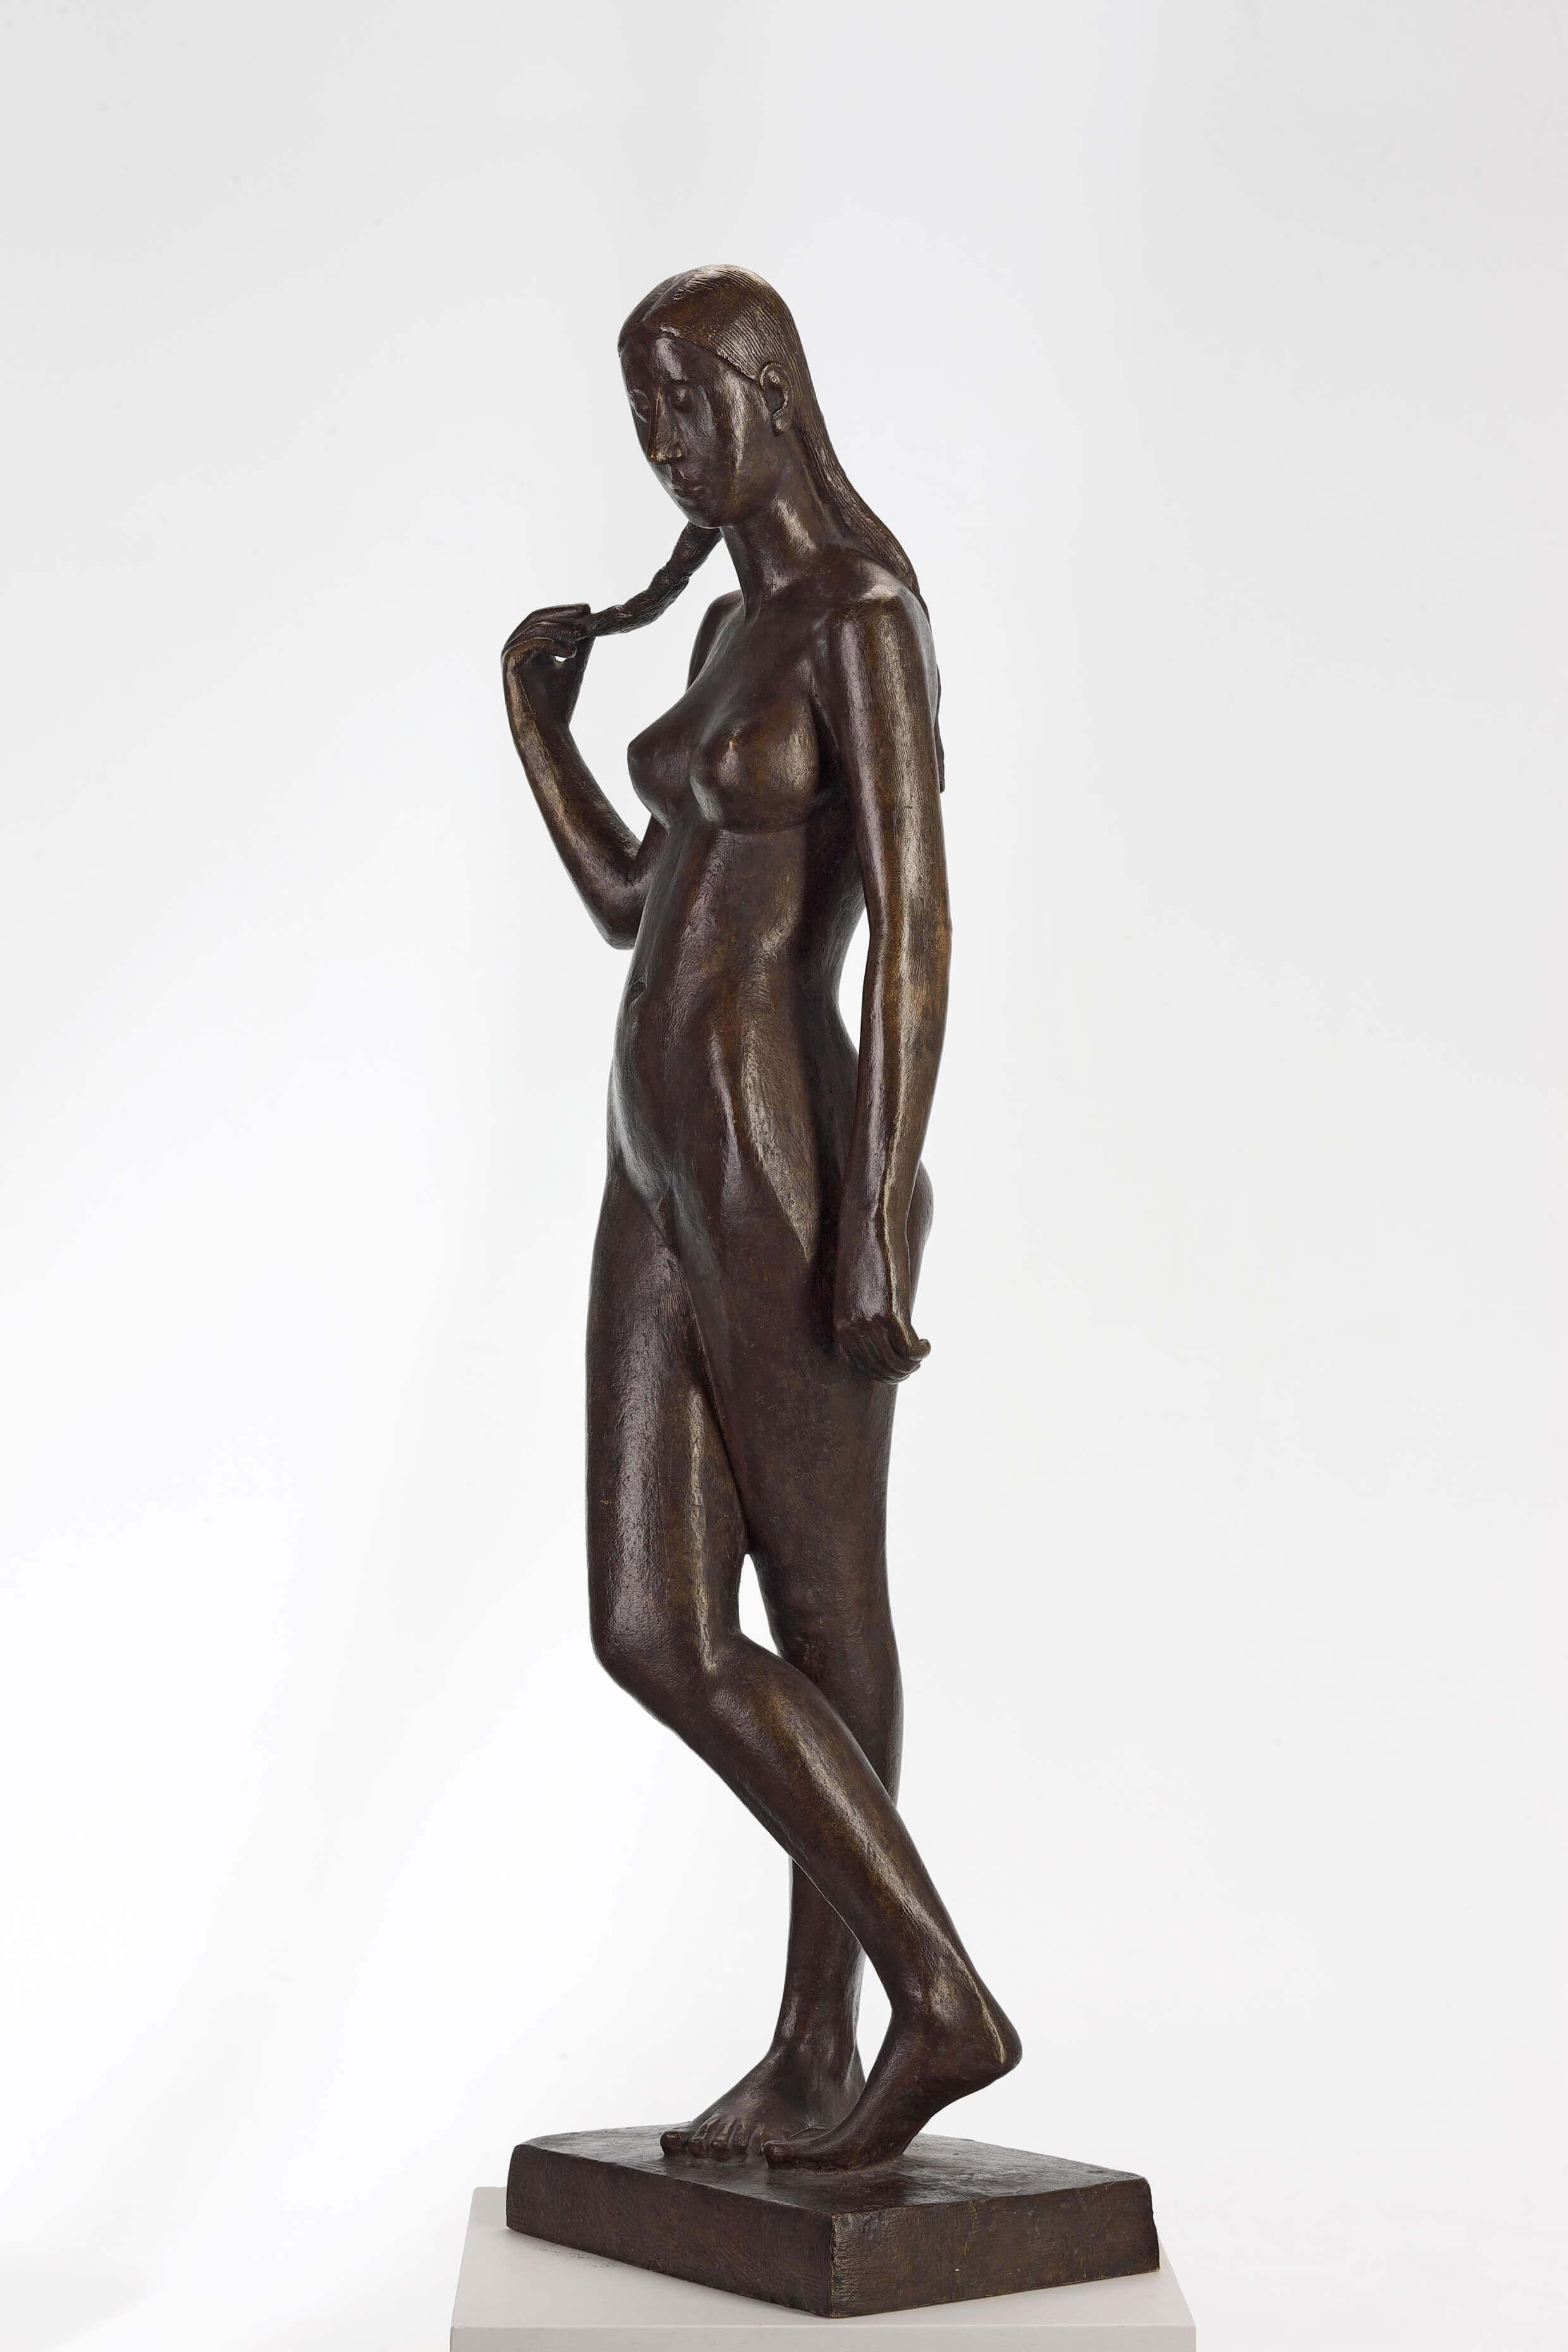 Gerhard Marcks, Stehende mit Zopf, 1950